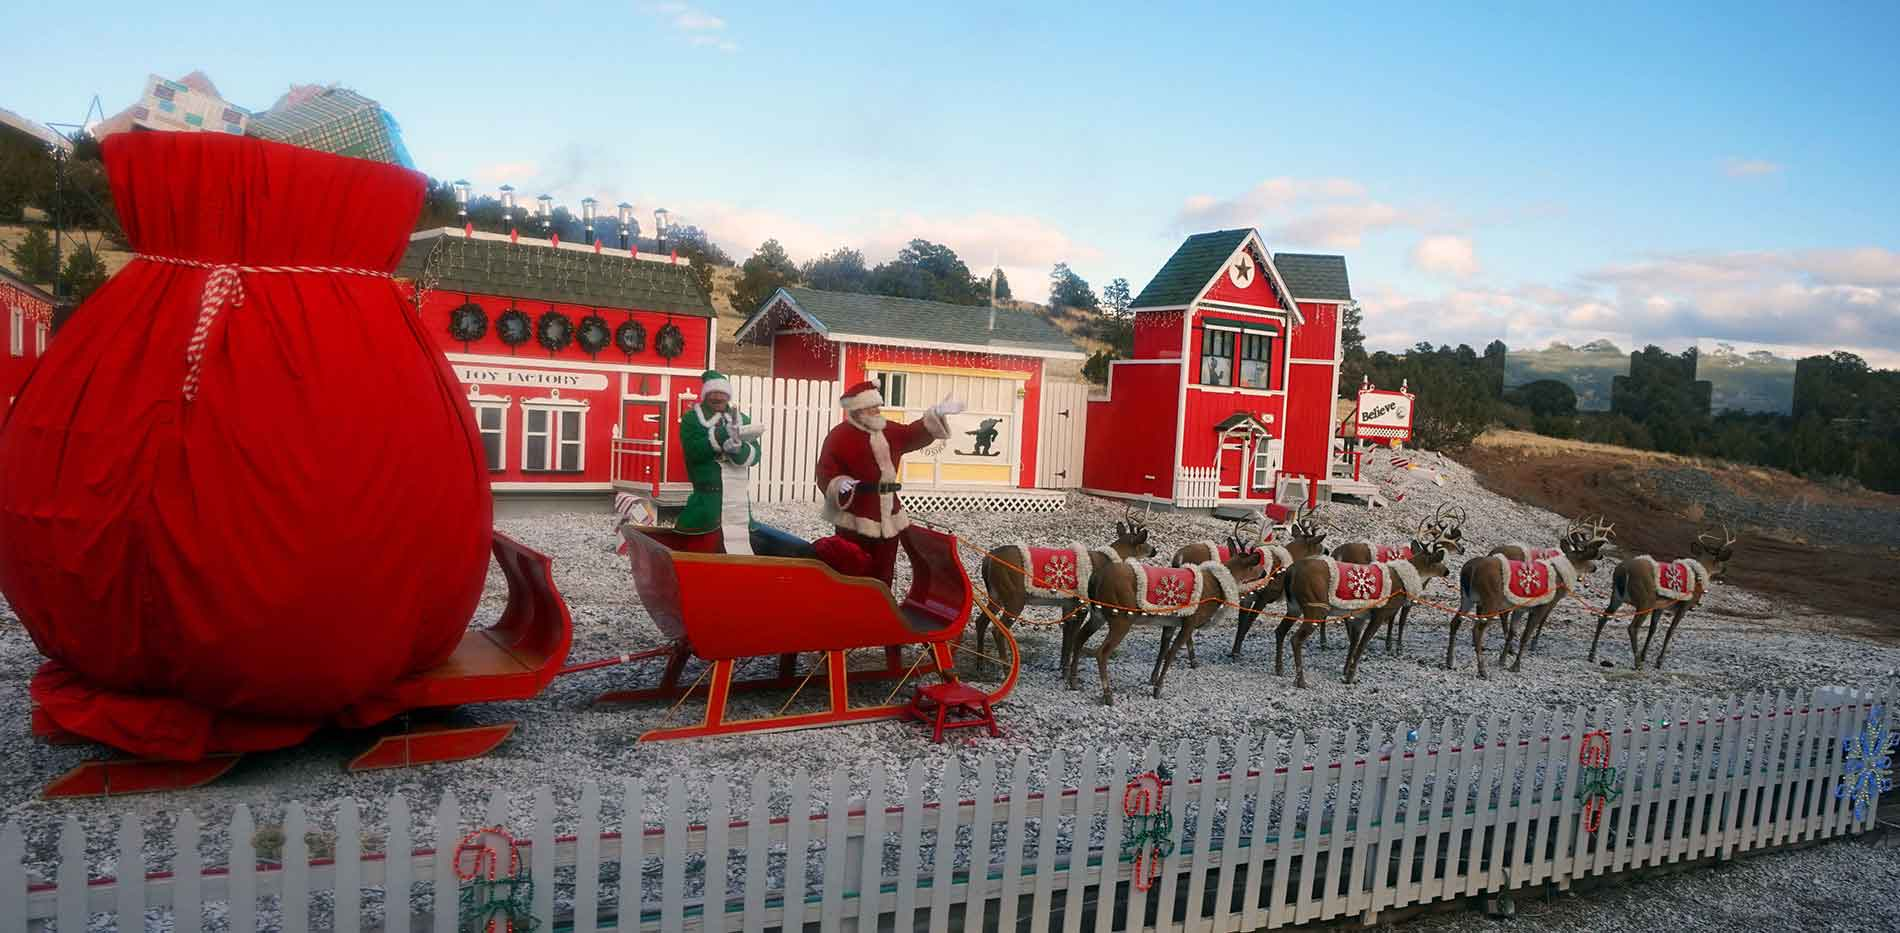 Best Christmas Activities & Events in Flagstaff